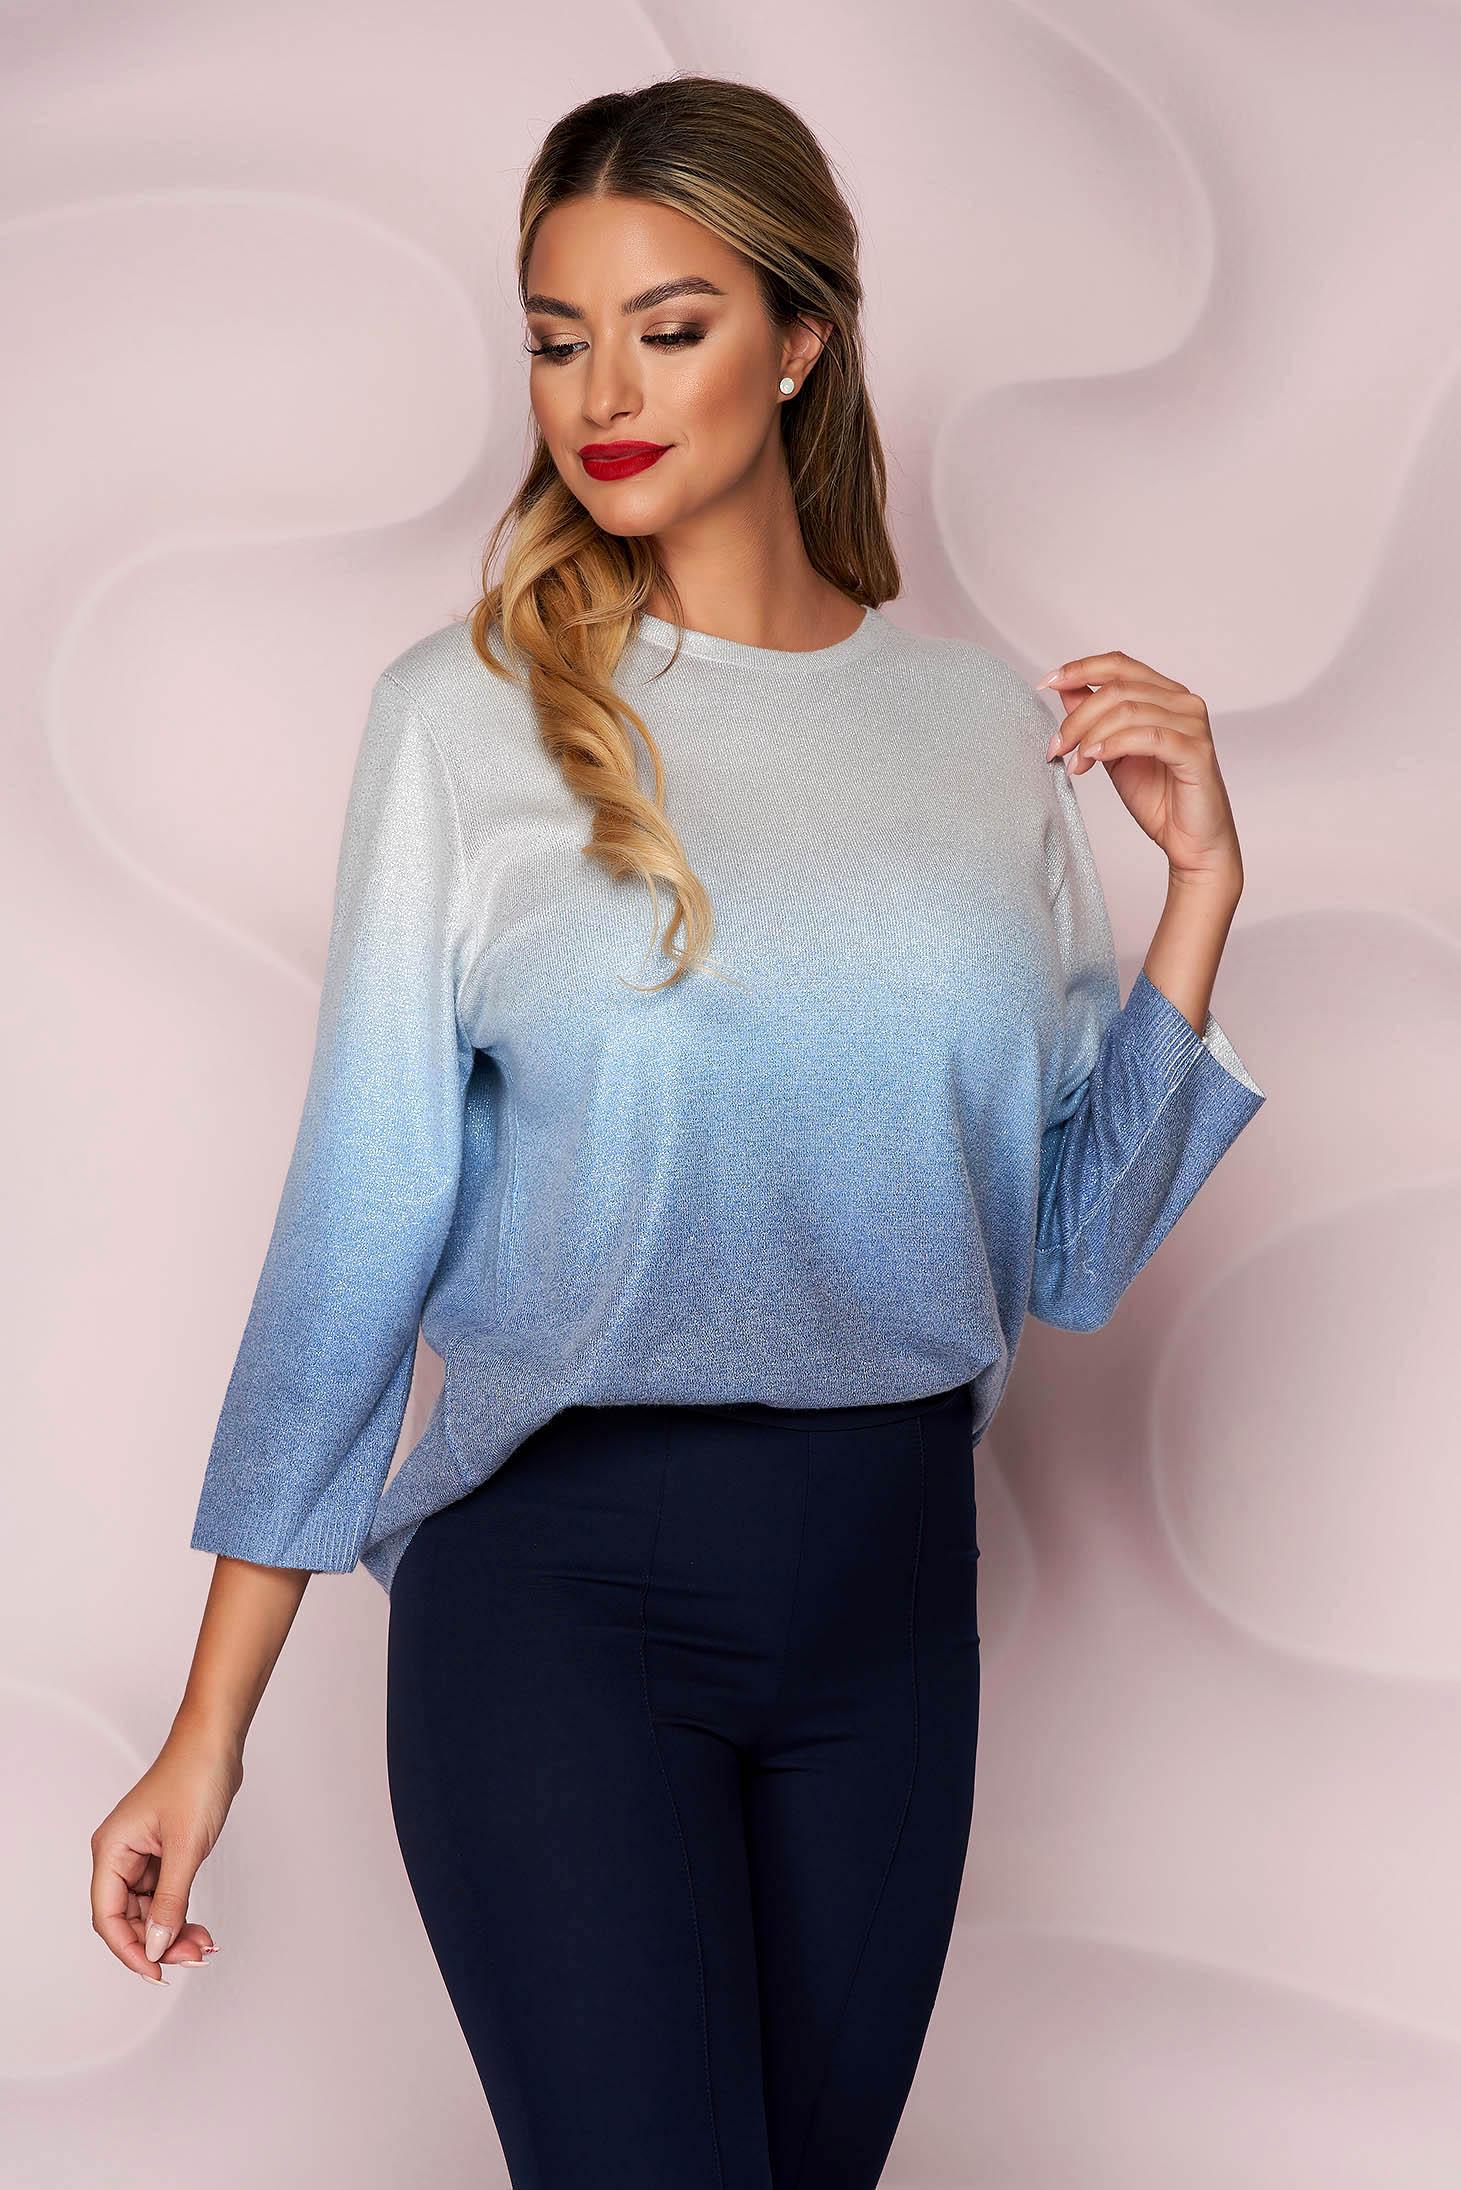 Pulover Lady Pandora albastru casual cu croi larg din material elastic tricotat cu maneci trei-sferturi